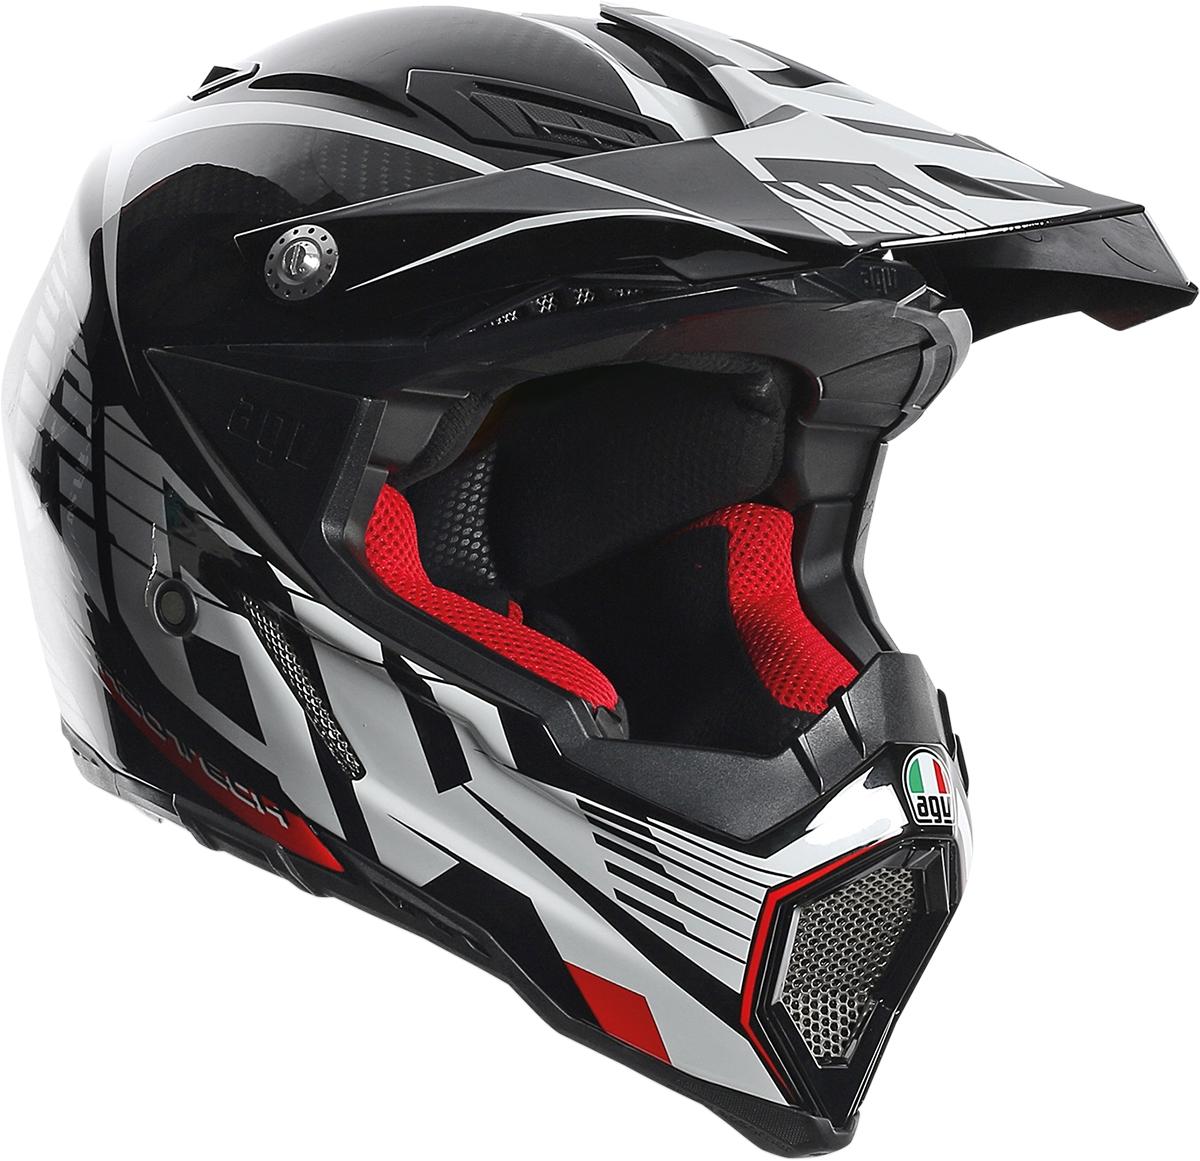 AGV AX8 Carbon Helmet